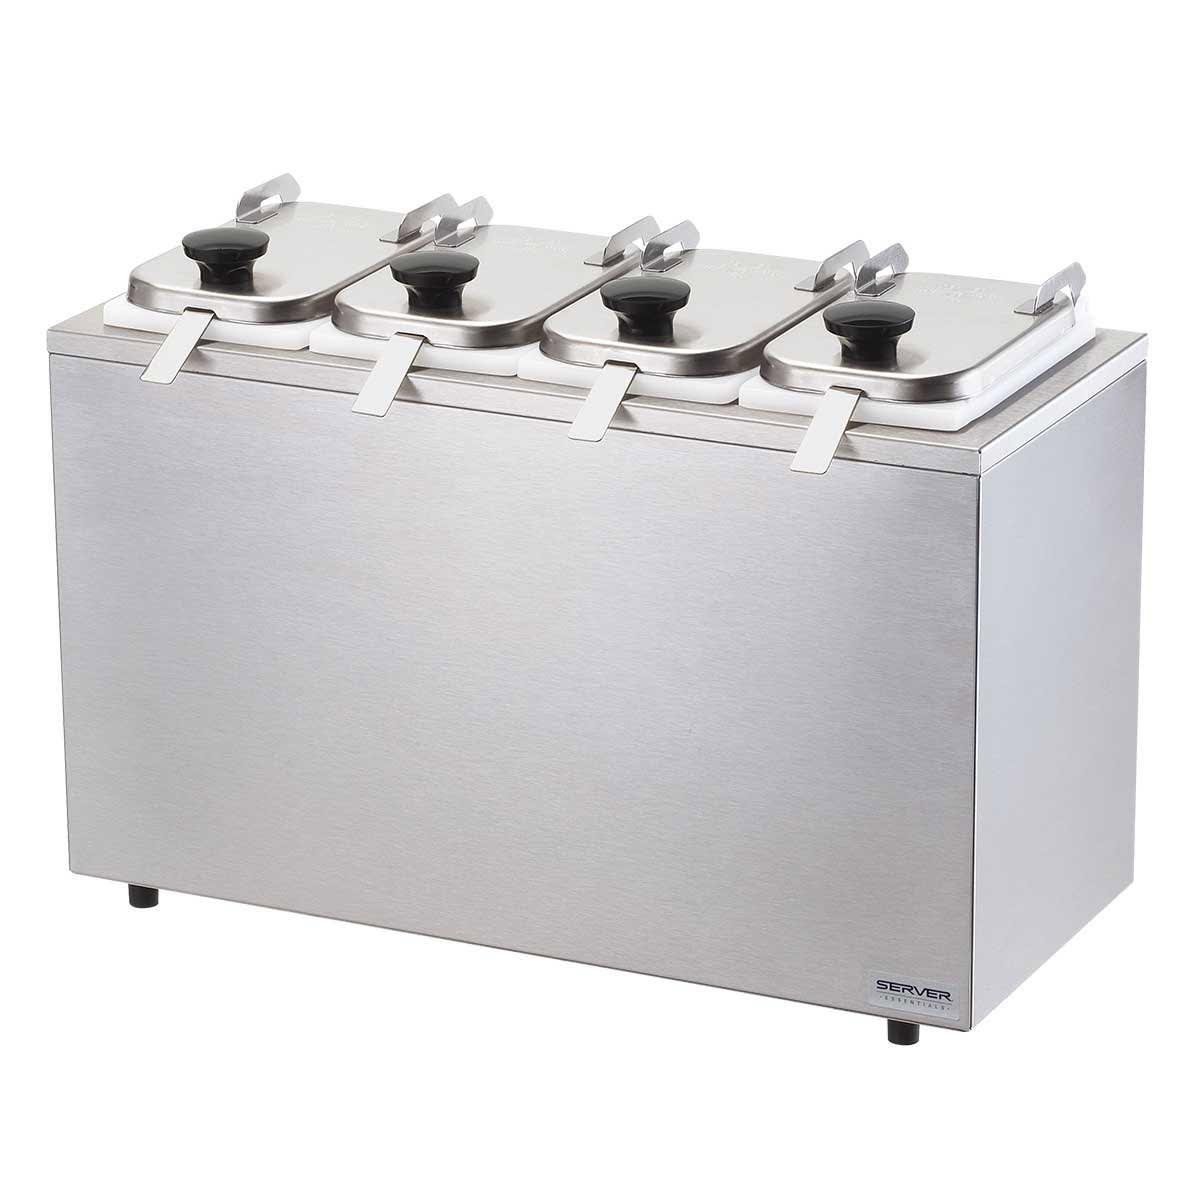 Server 80540 Dipper-Style Topping Dispenser w/ (4) 1-oz Ladles, Stainless